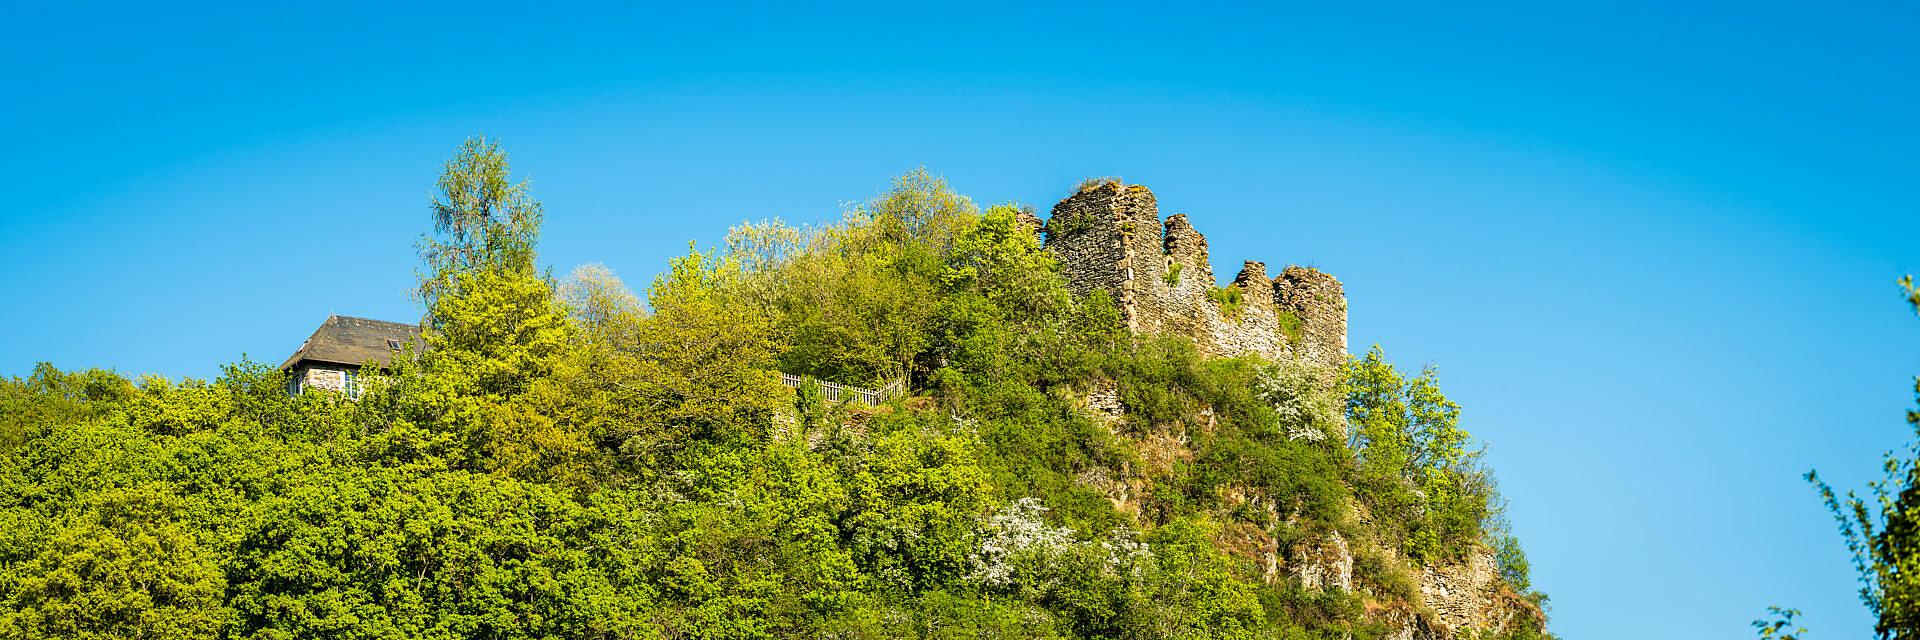 Rosenburg-Ruine in Argenschwang, im Soonwald (Hunsrück) im Gräfenbachtal